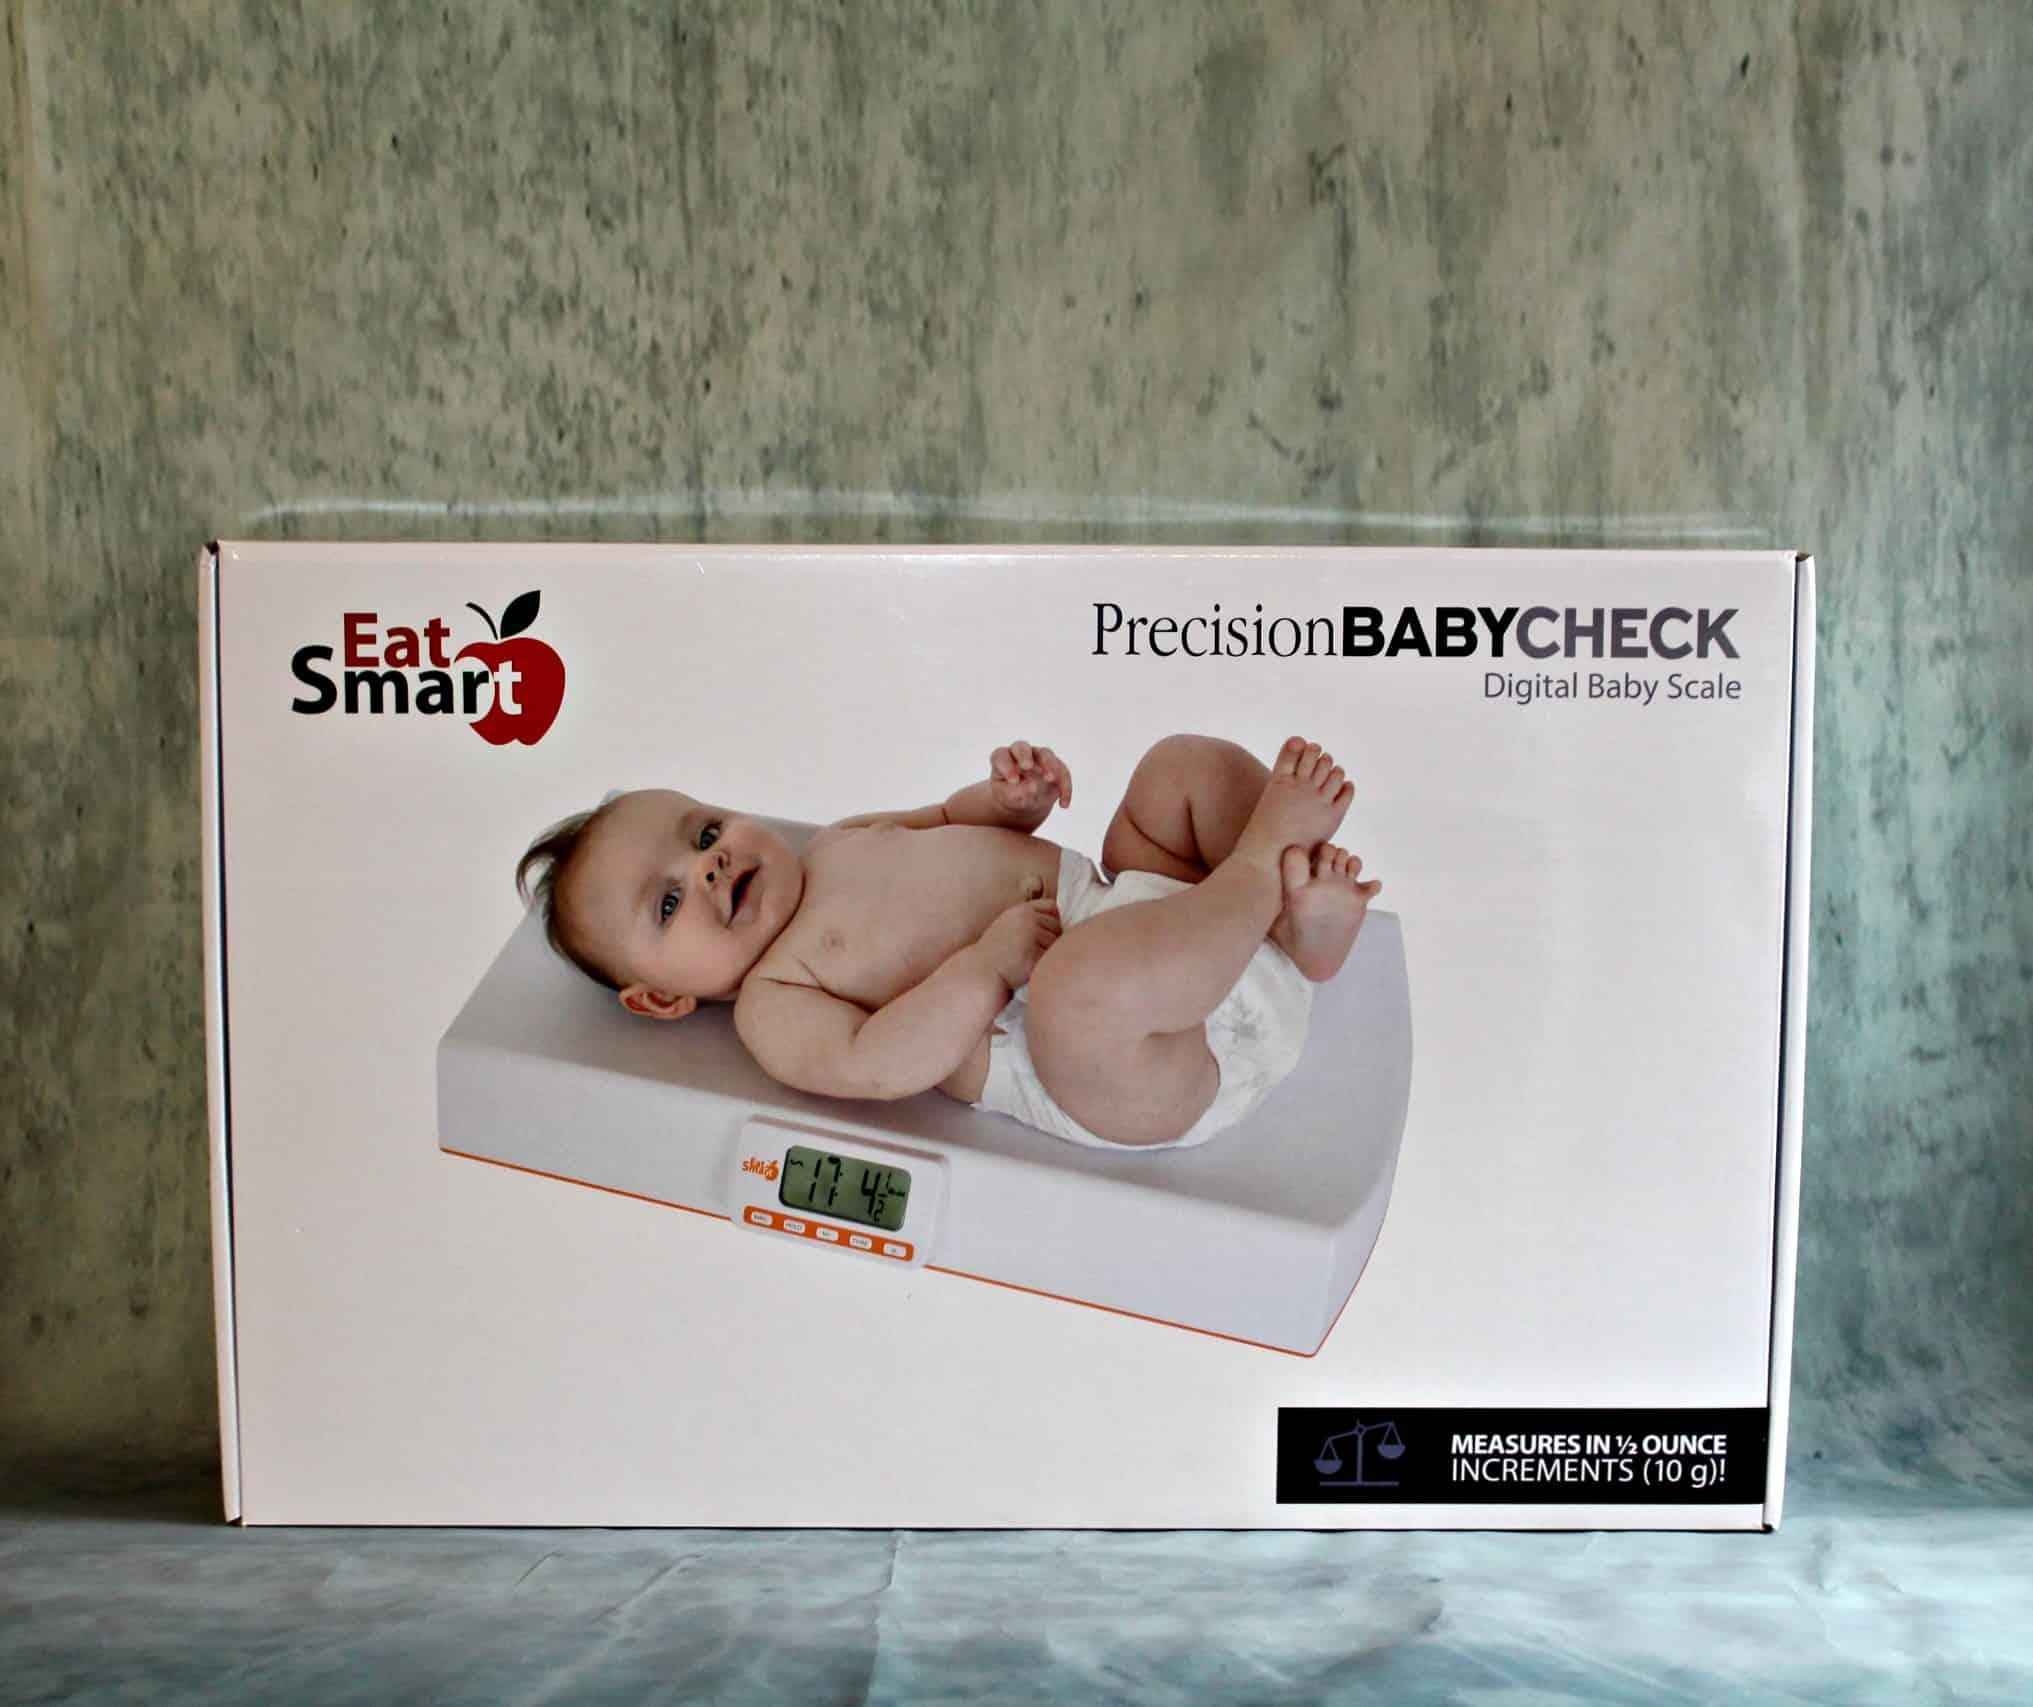 EatSmart Baby Scale